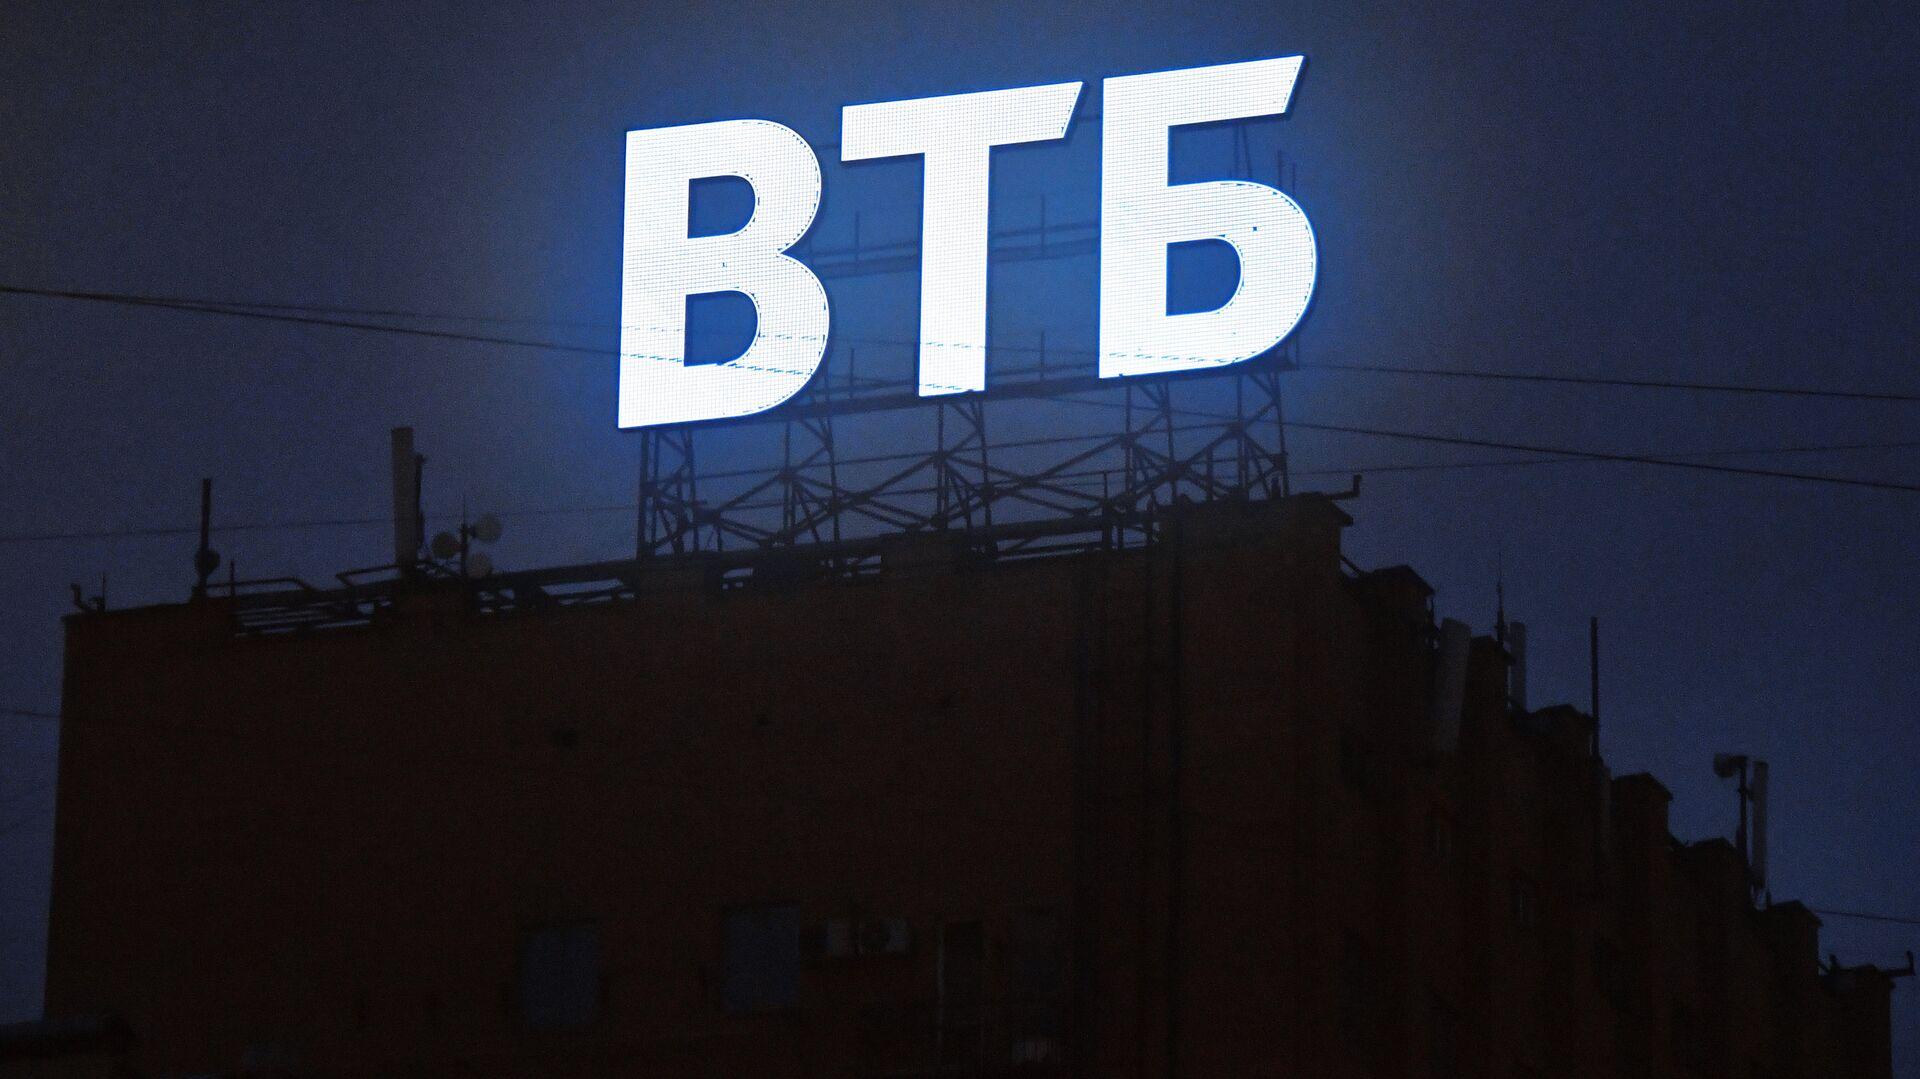 Вывеска группы ВТБ на крыше здания - РИА Новости, 1920, 24.09.2021